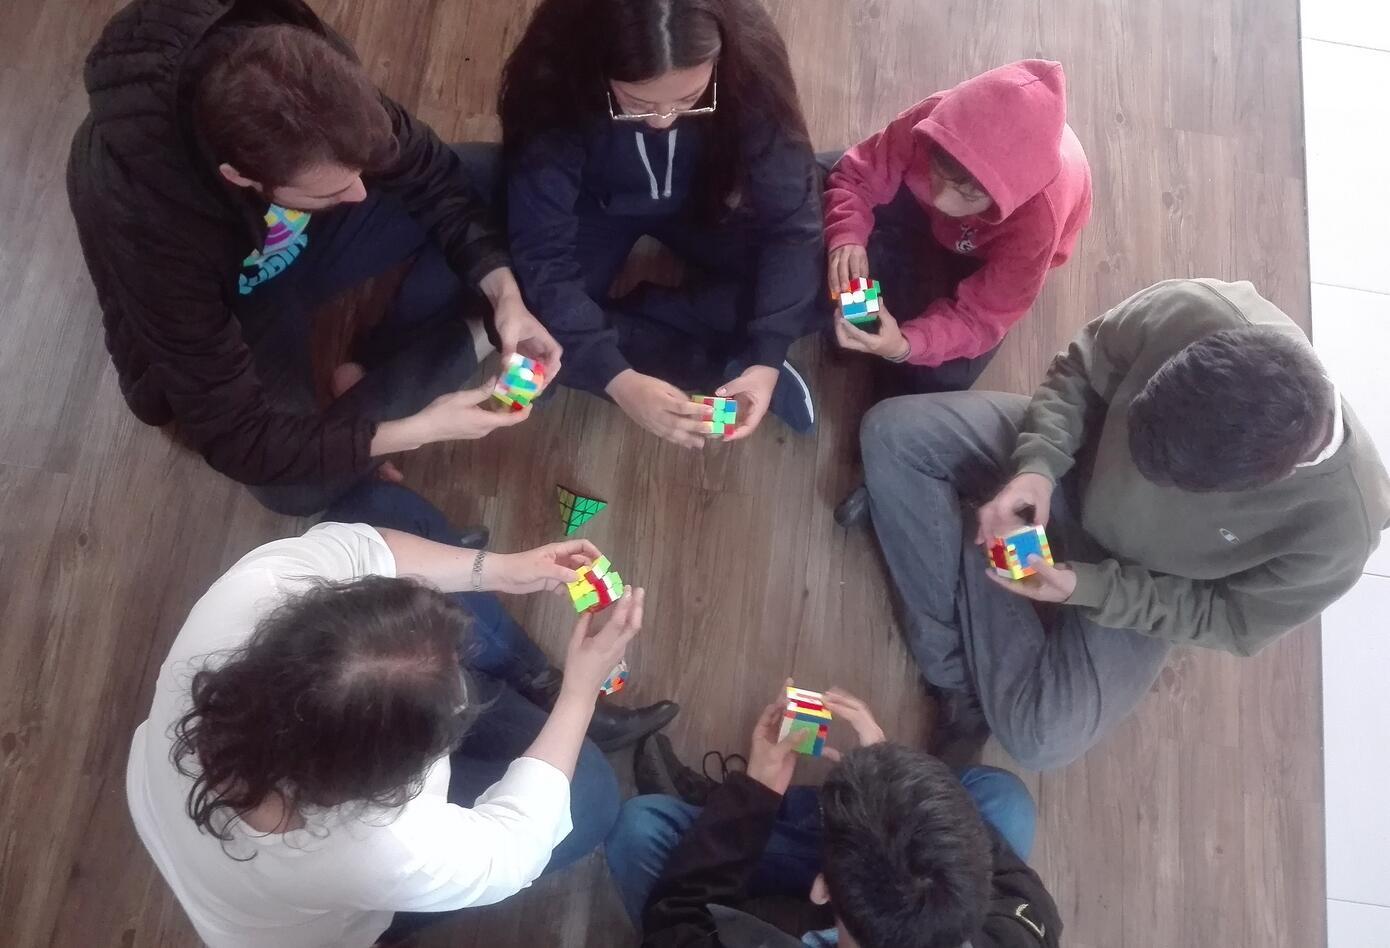 Practicar el Speedcubing desarrolla la agilidad mental y visomanual, entre otros